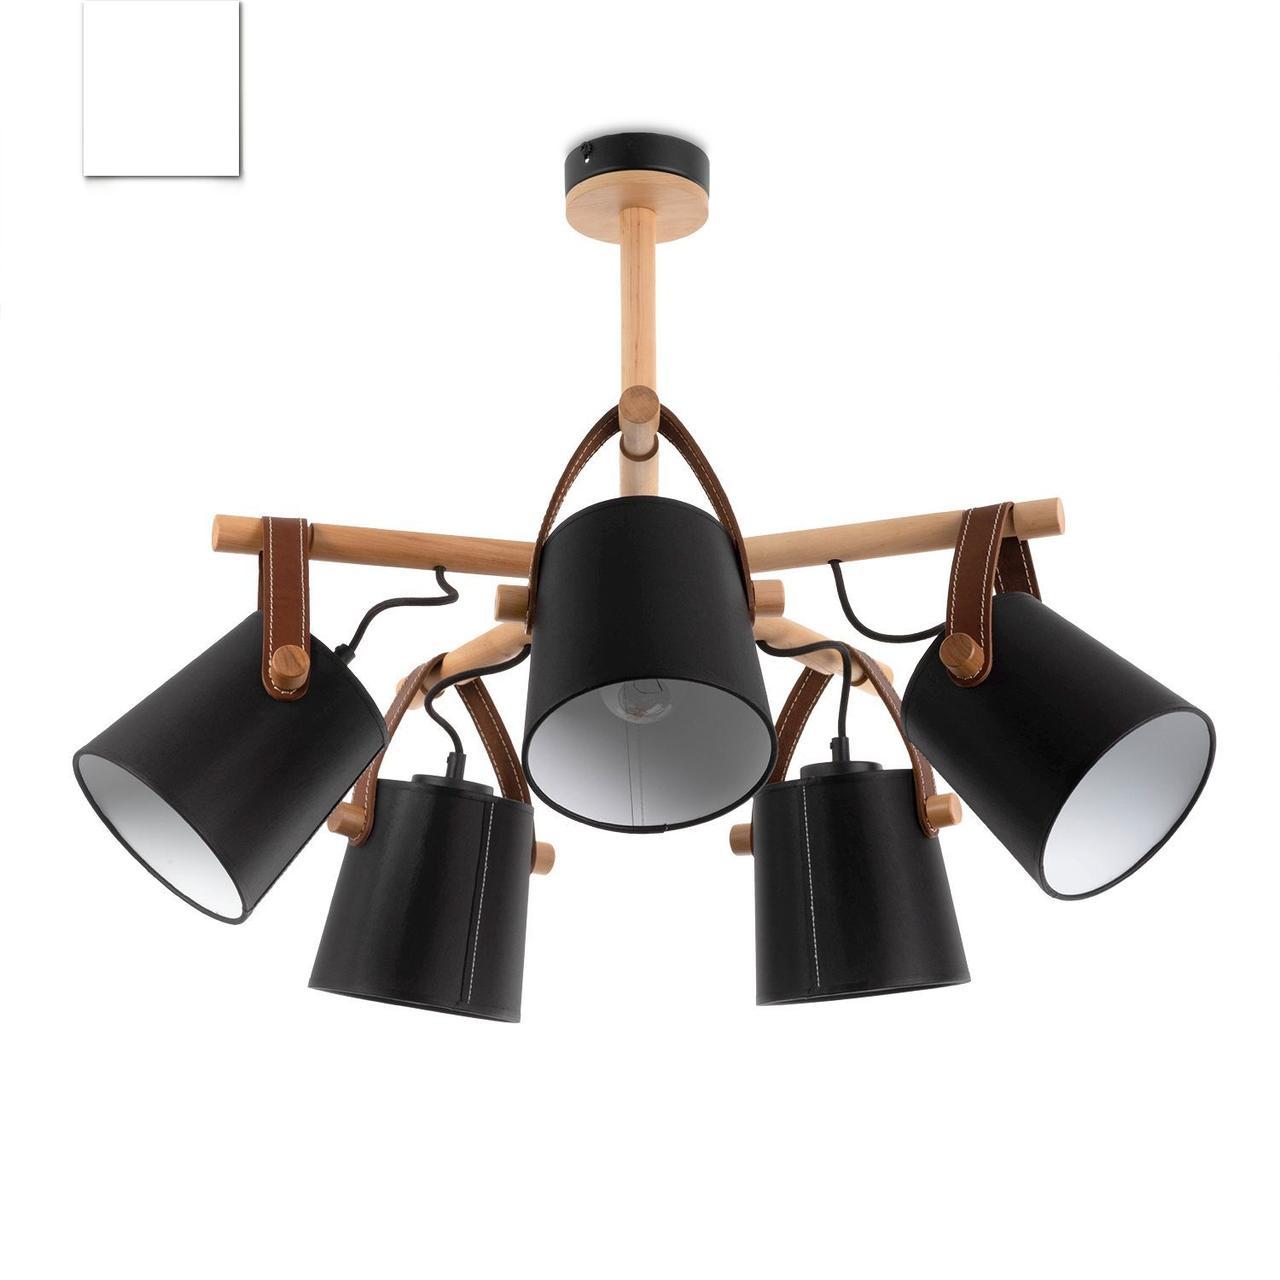 Люстра c черными абажурами в стиле модерн, металлическая с деревом, спальня, зал, кухня,  60405-2